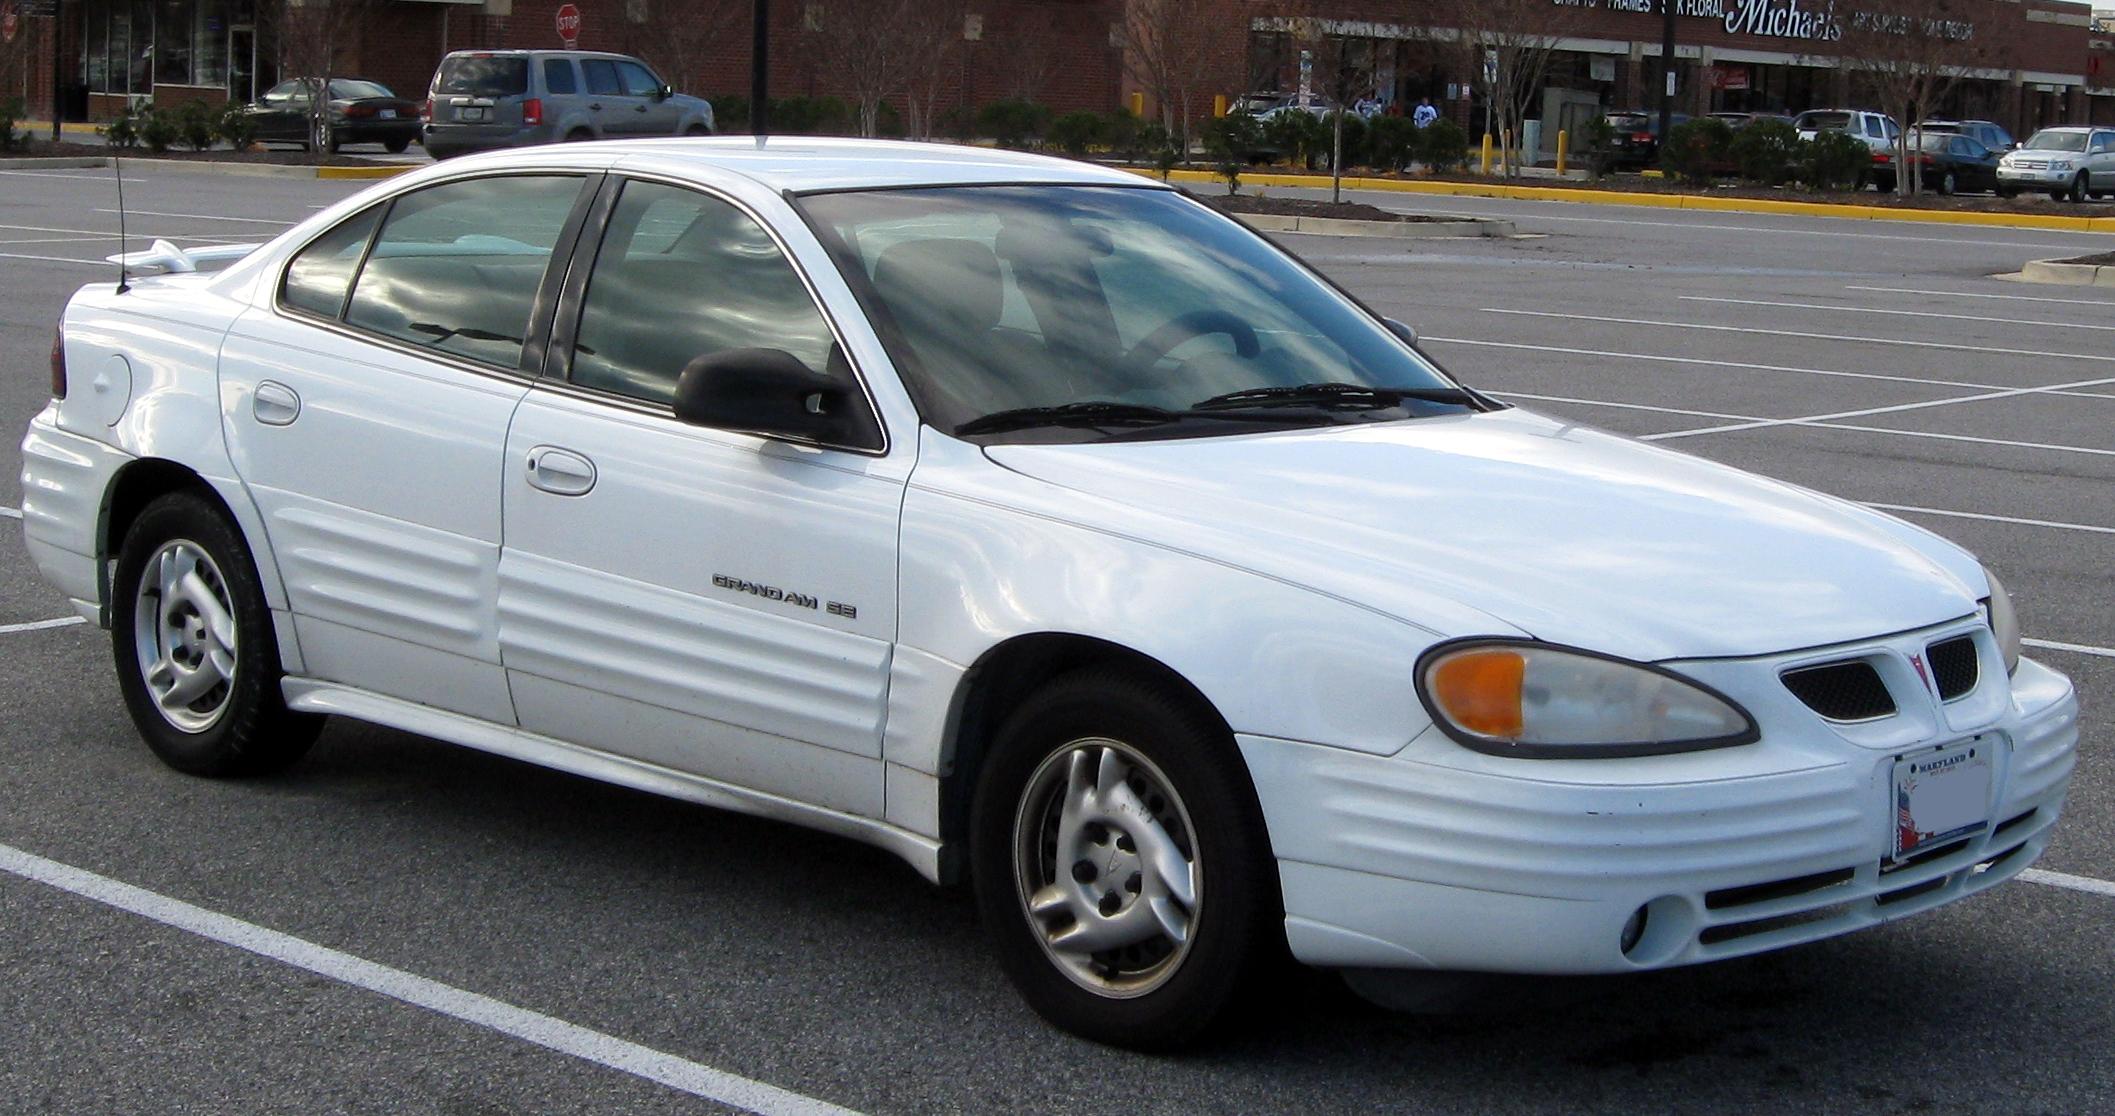 Pontiac Grand AM IV 1992 - 1998 Sedan #5